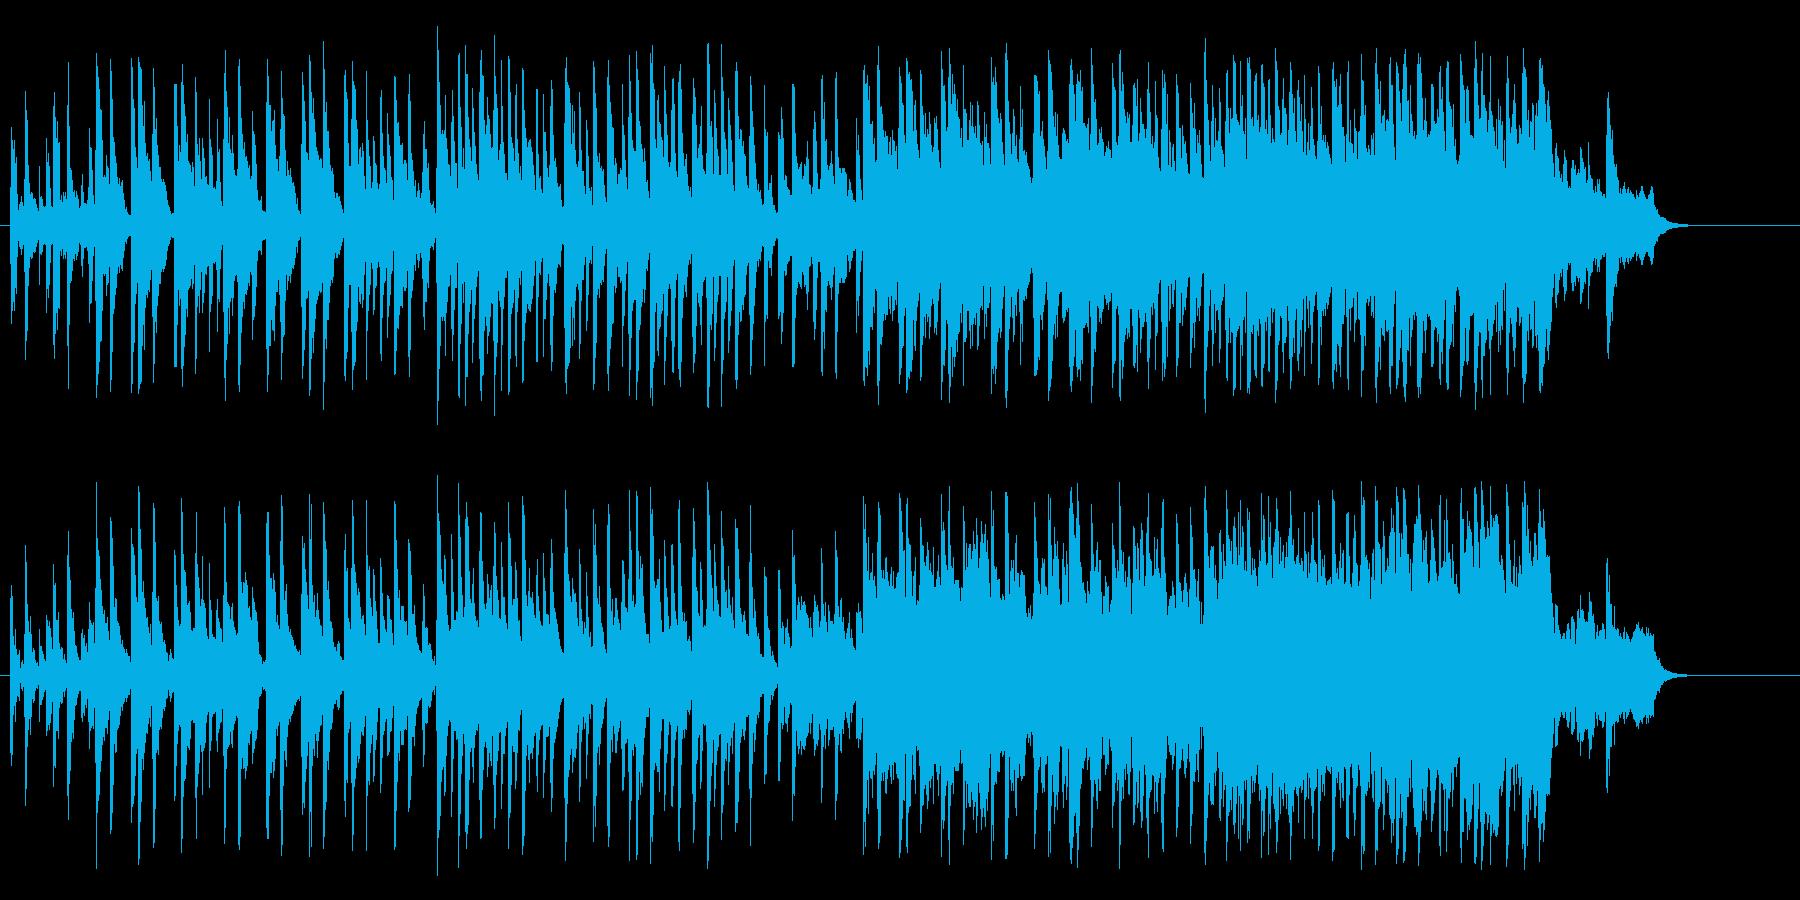 優しい 上品 メルヘン ブライダル 幸福の再生済みの波形